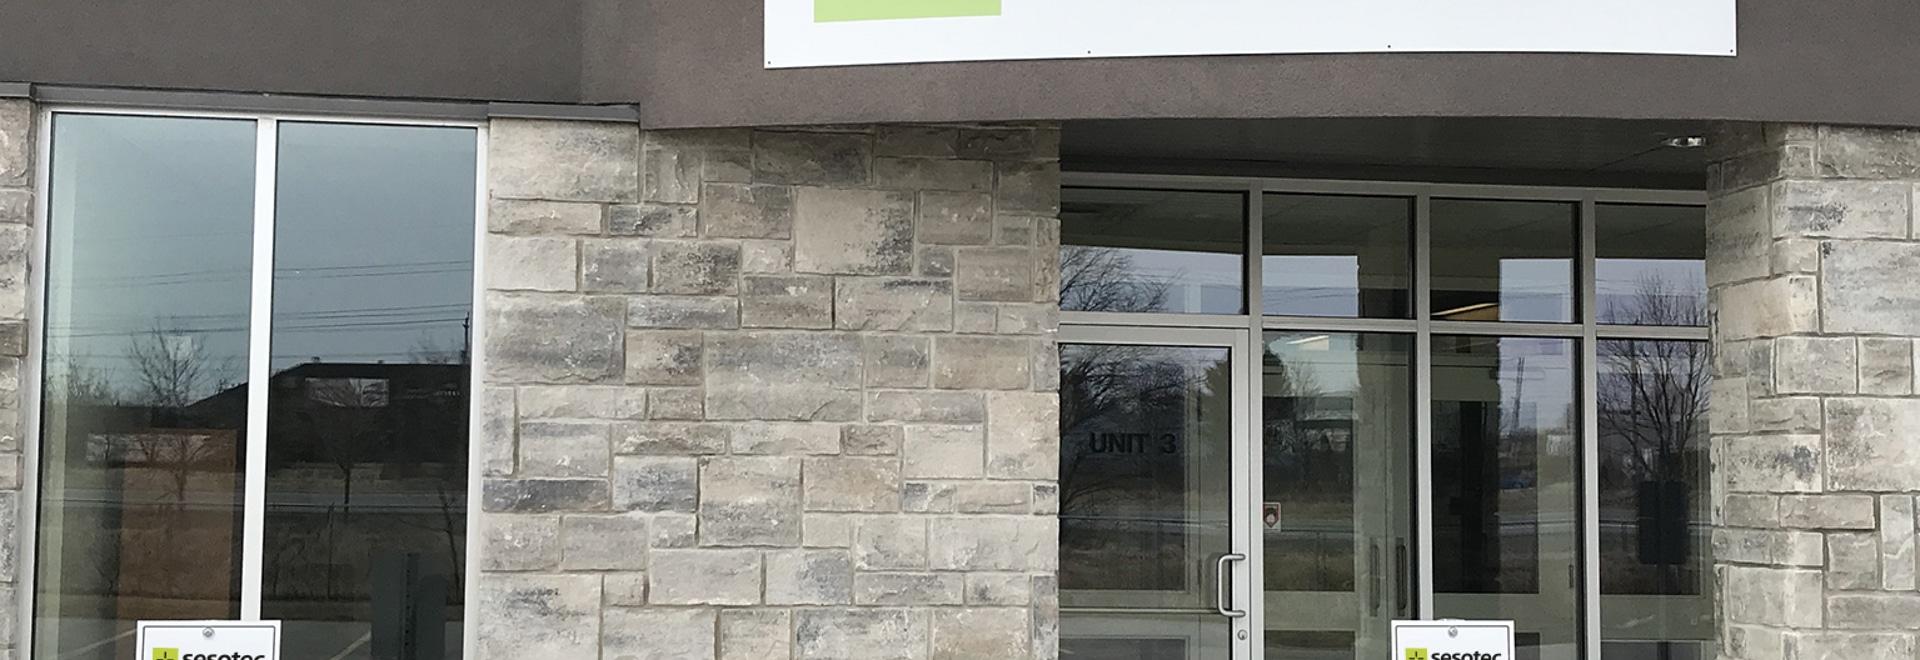 La nueva ubicación de Sesotec Canada en 275 Hanlon Creek Blvd Unit 3 en Guelph, Ontario, ofrece potencial para un mayor crecimiento